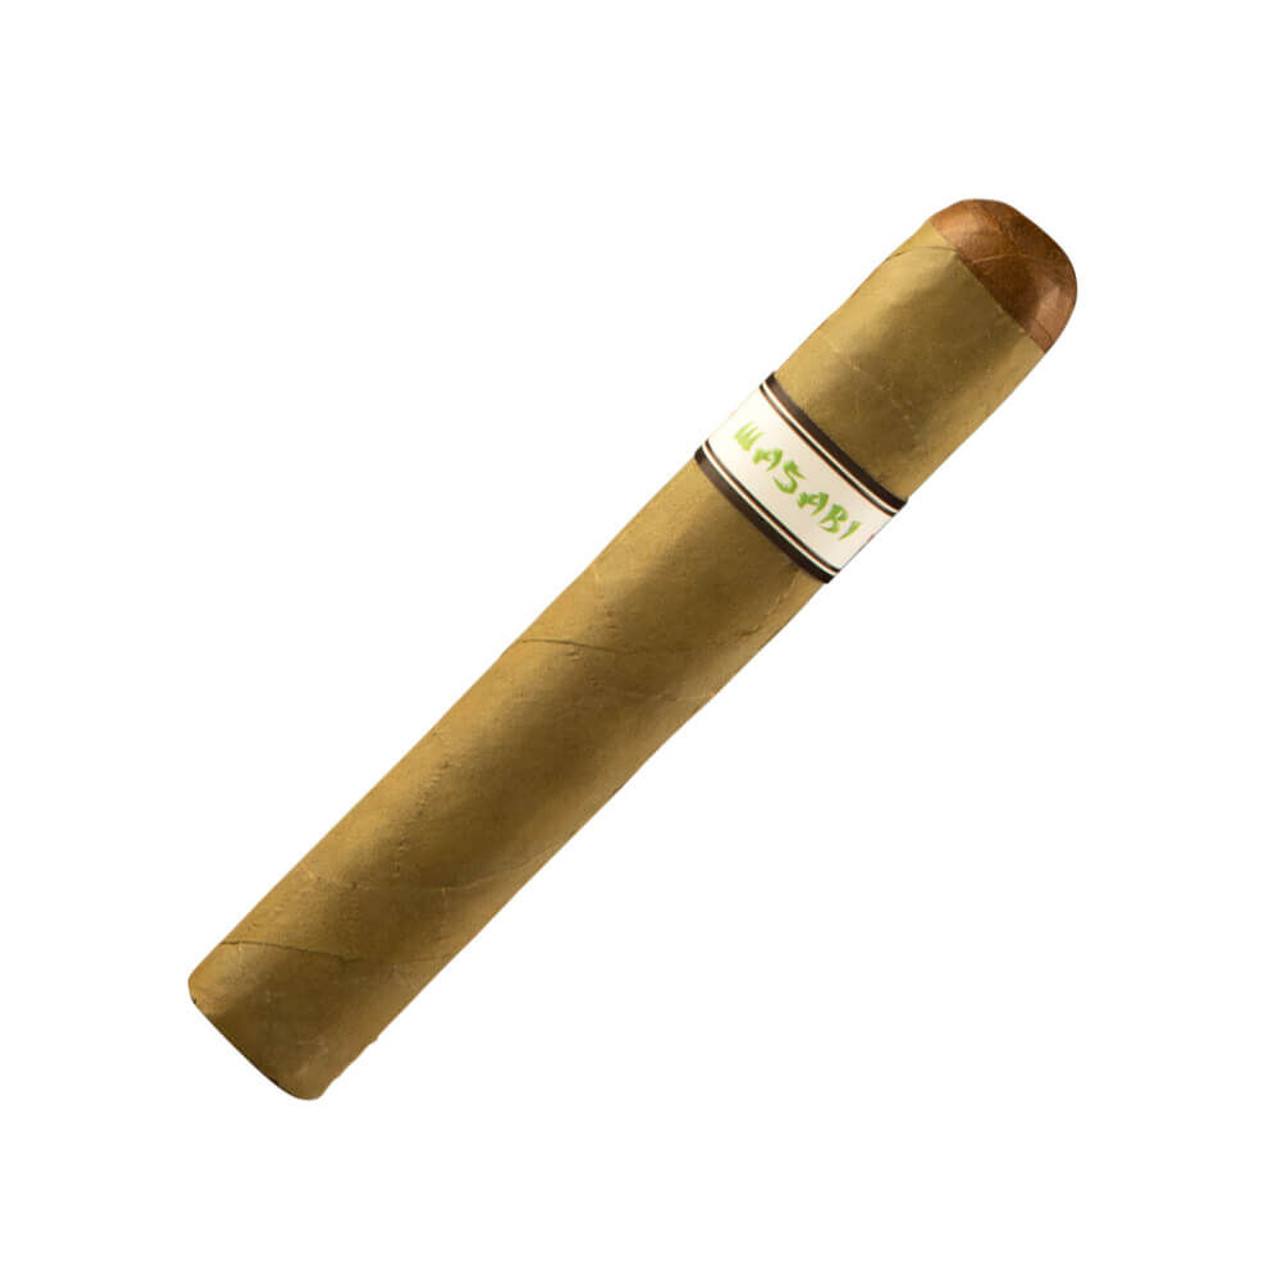 Espinosa Wasabi Robusto Candela Cigars - 5 x 52 (Box of 10)